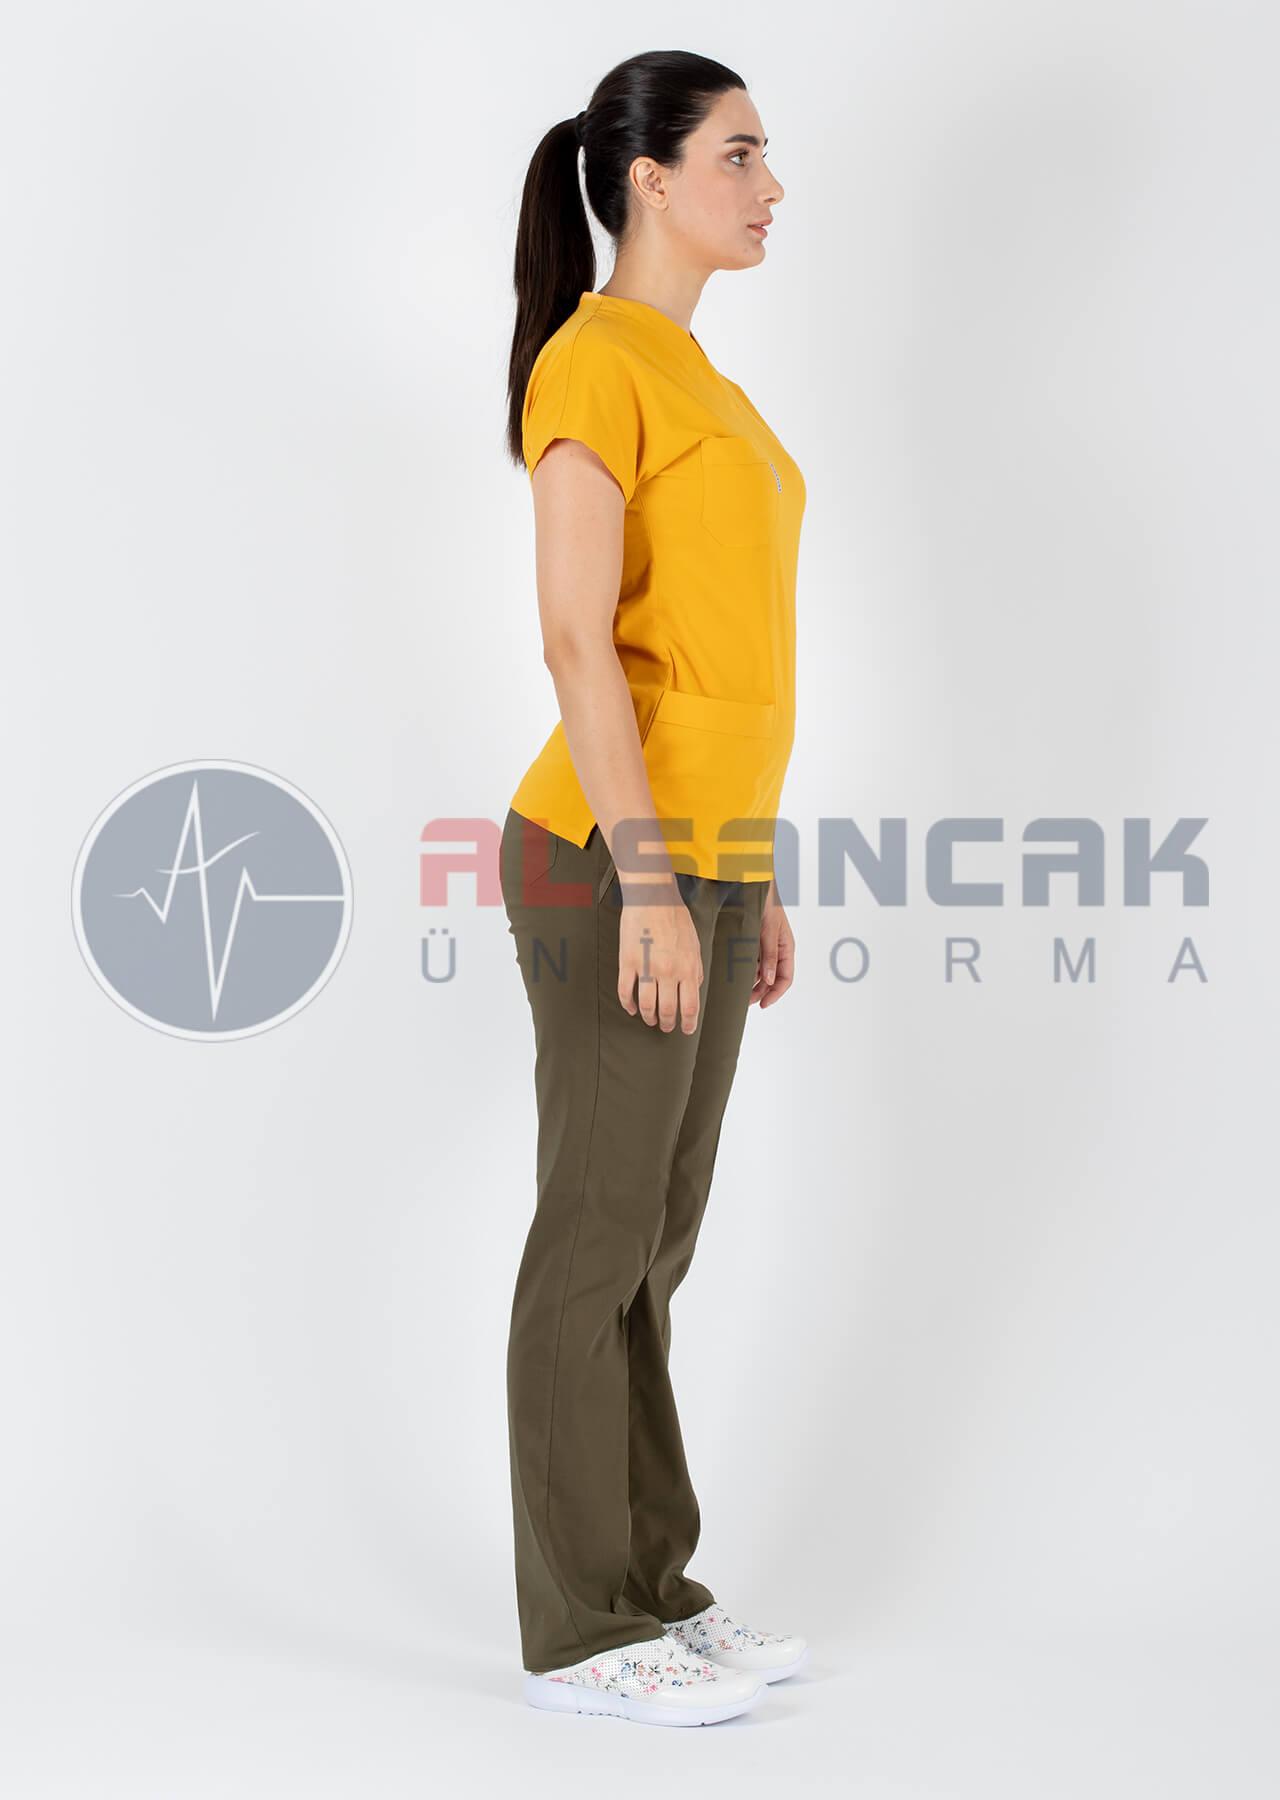 Hardal/Haki Likralı Doktor Hemşire Forması Takımı